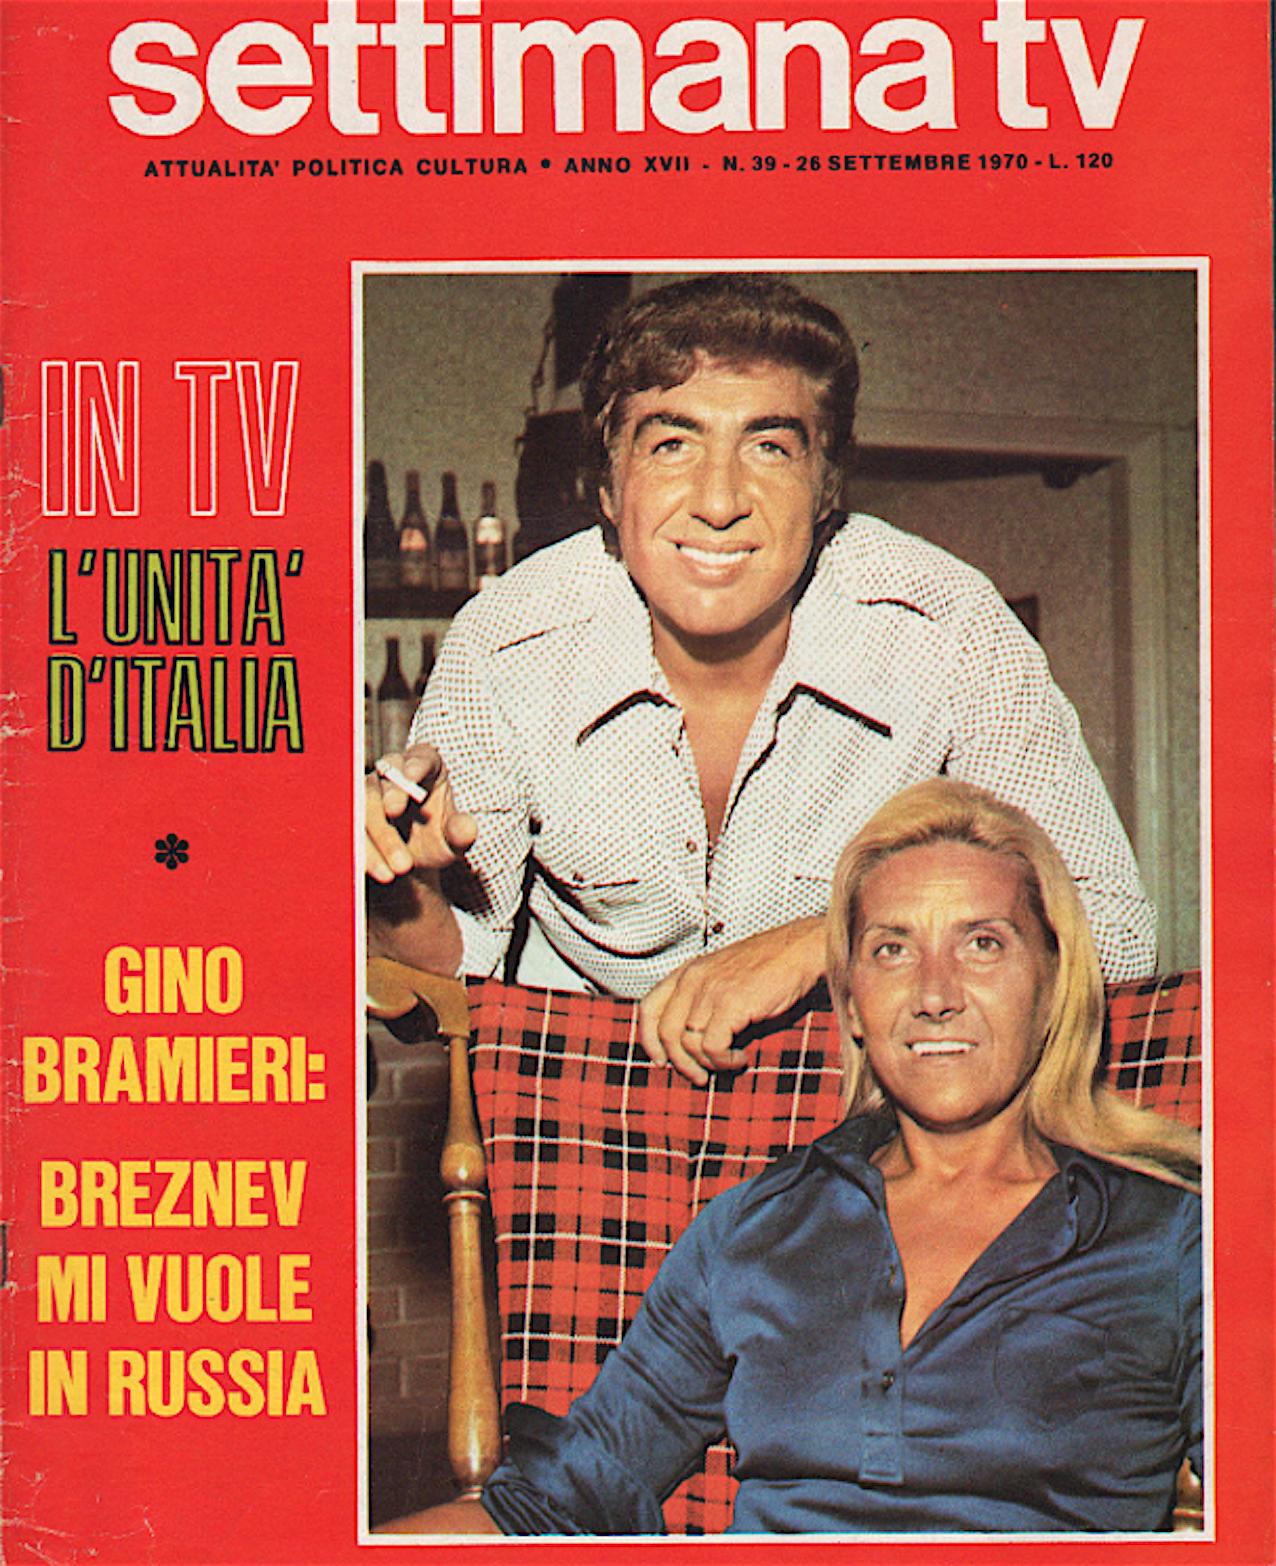 gino_bramieri_1970_copertina_settimana_tv